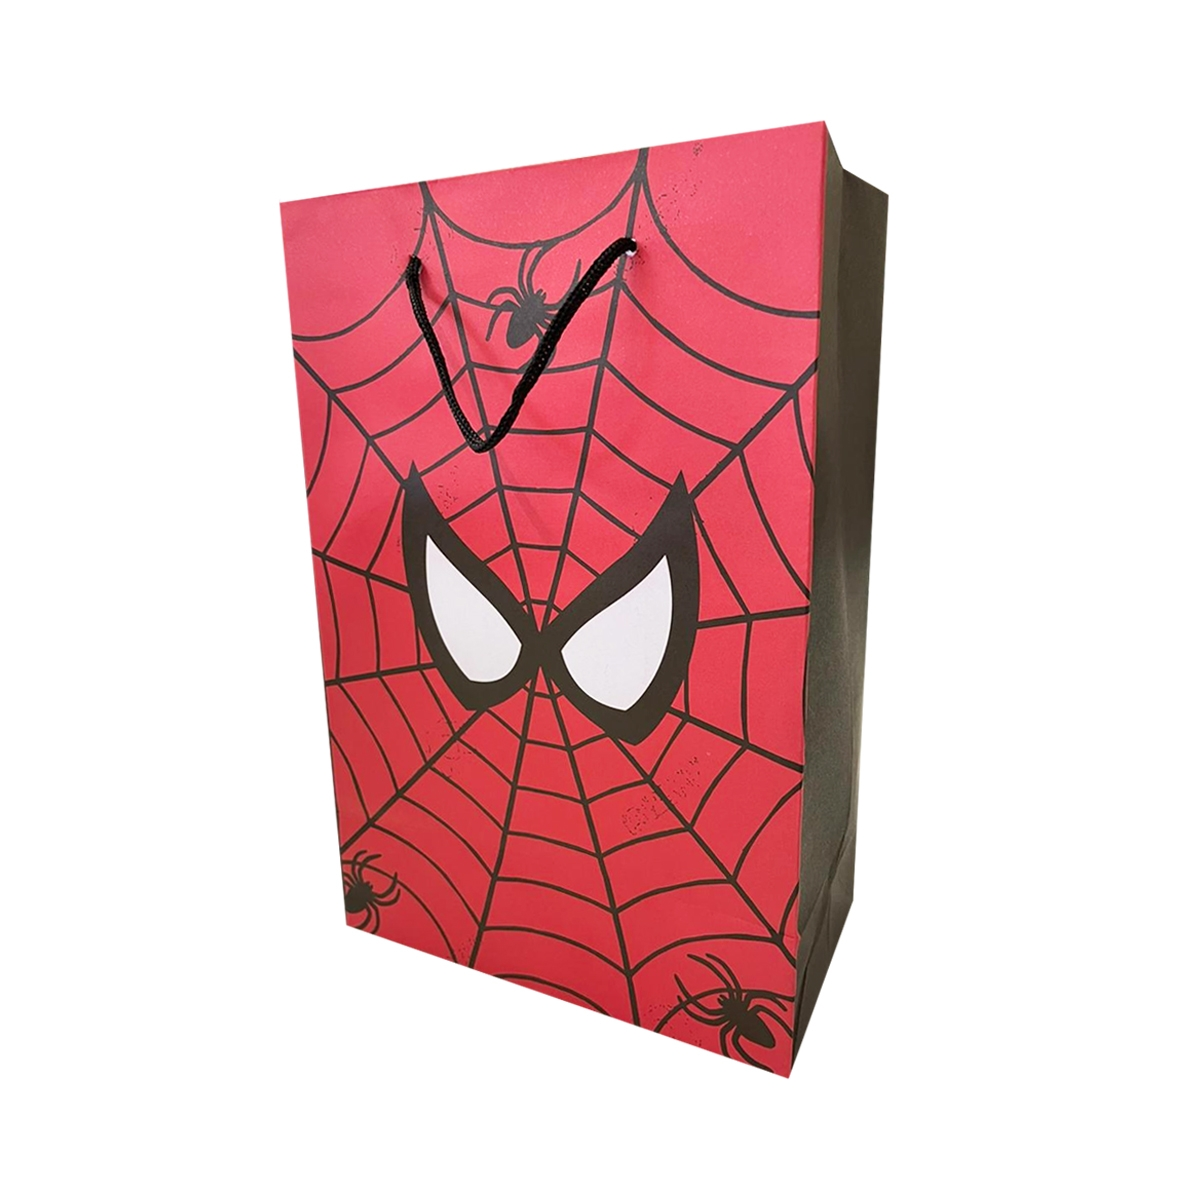 Bolsa de papel homem aranha 10 unidades